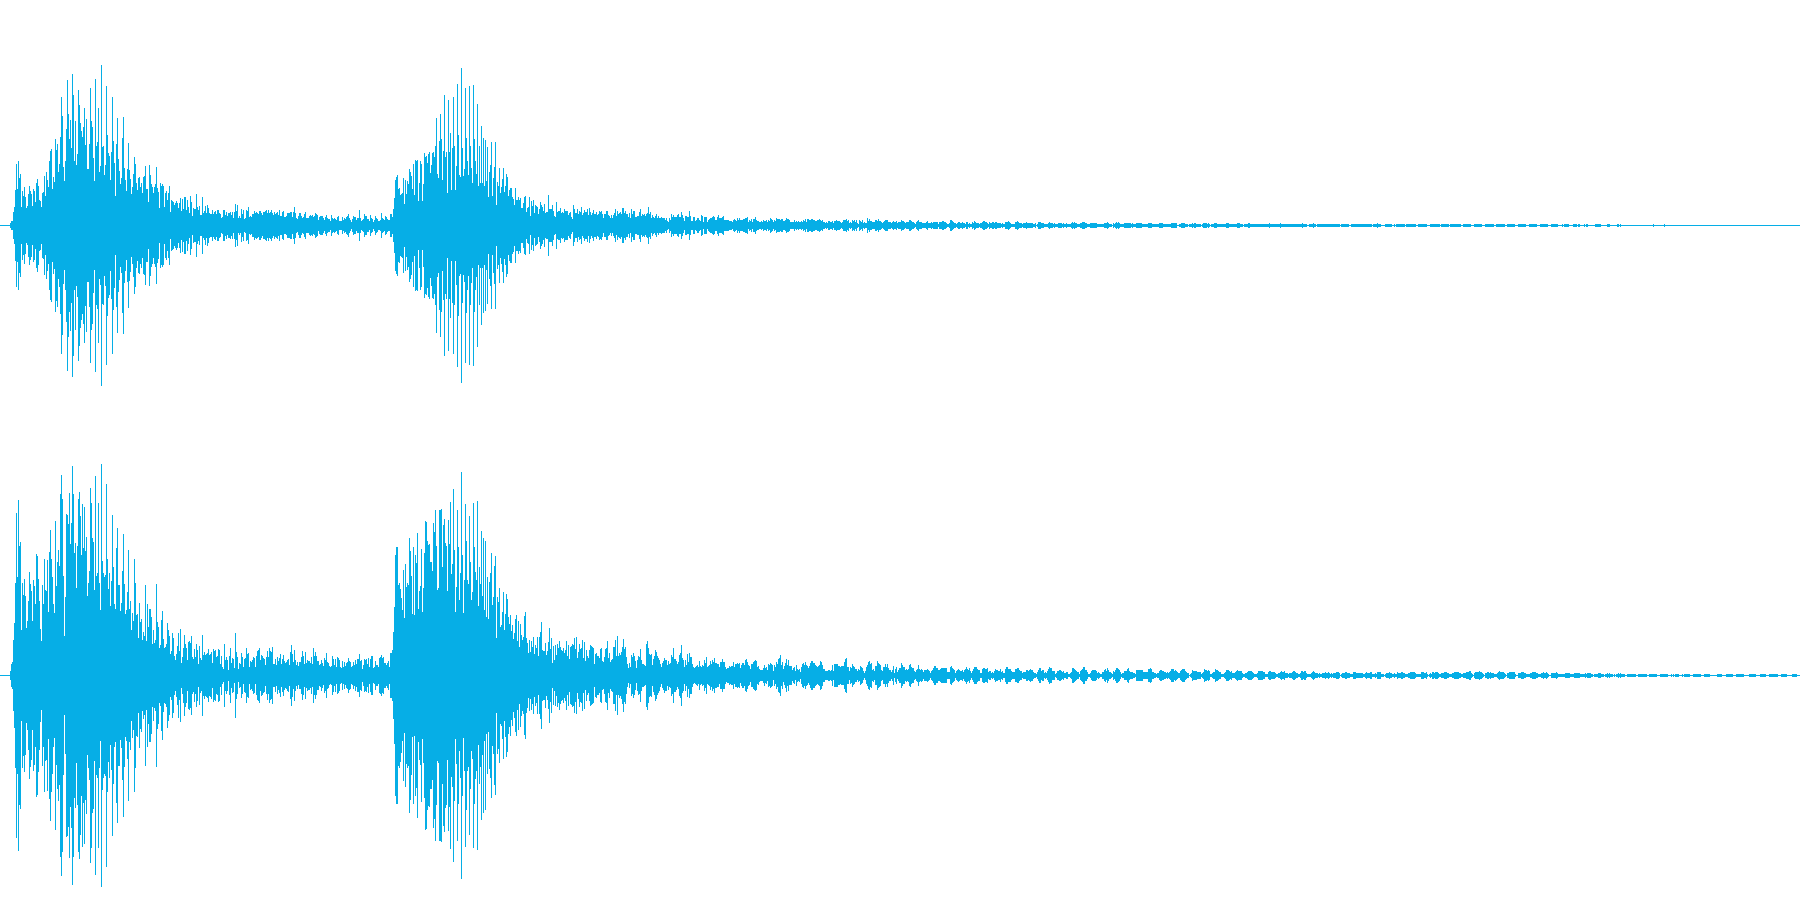 チャンチャン・オチの音(低)の再生済みの波形